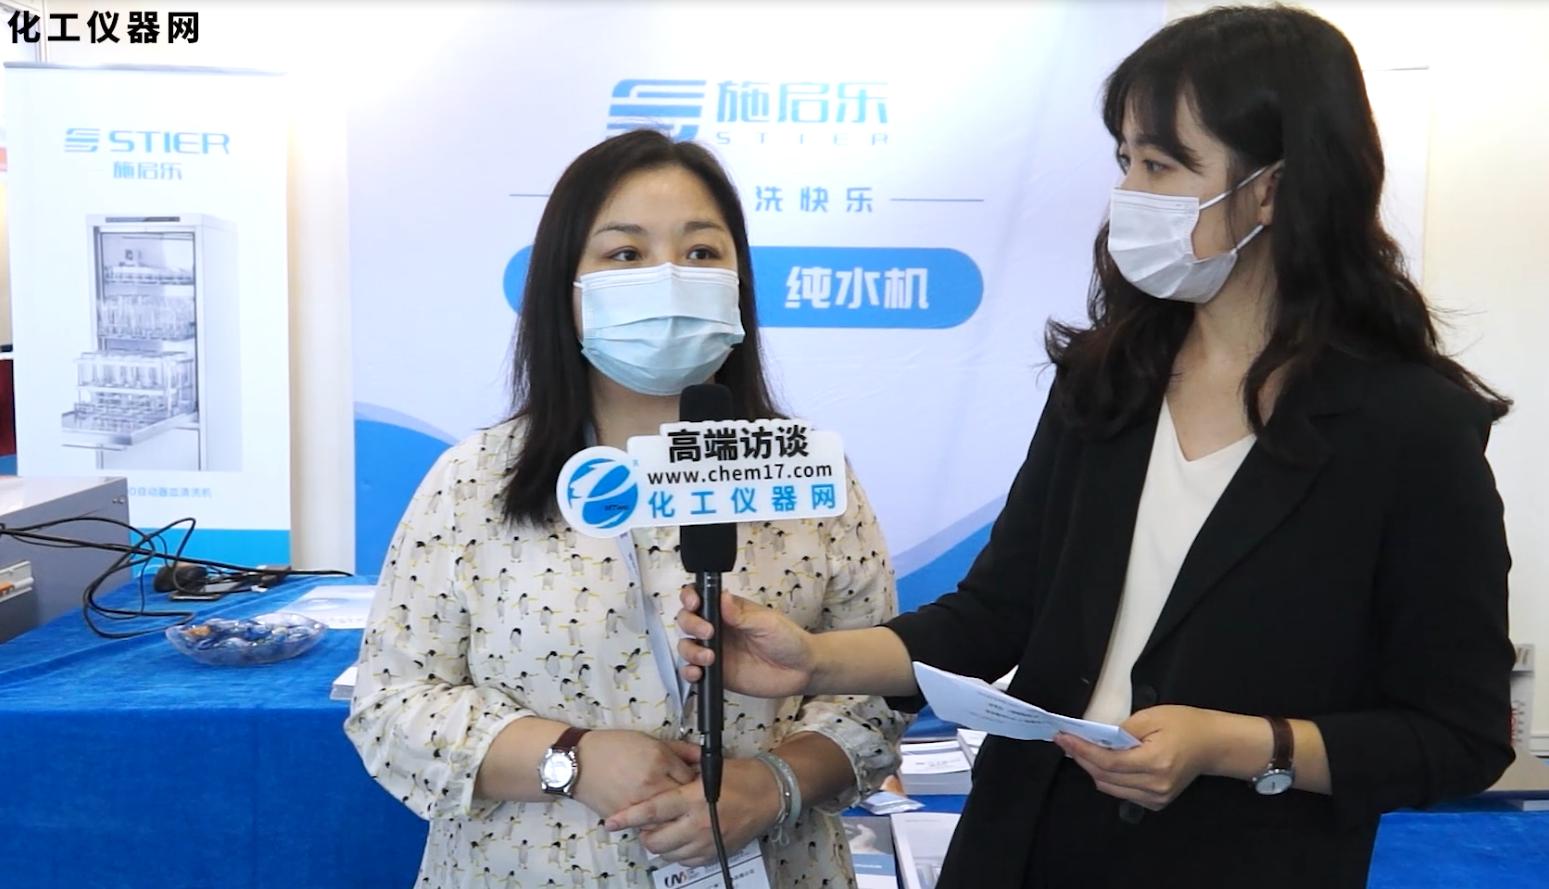 施启乐精彩亮相China Lab 2021